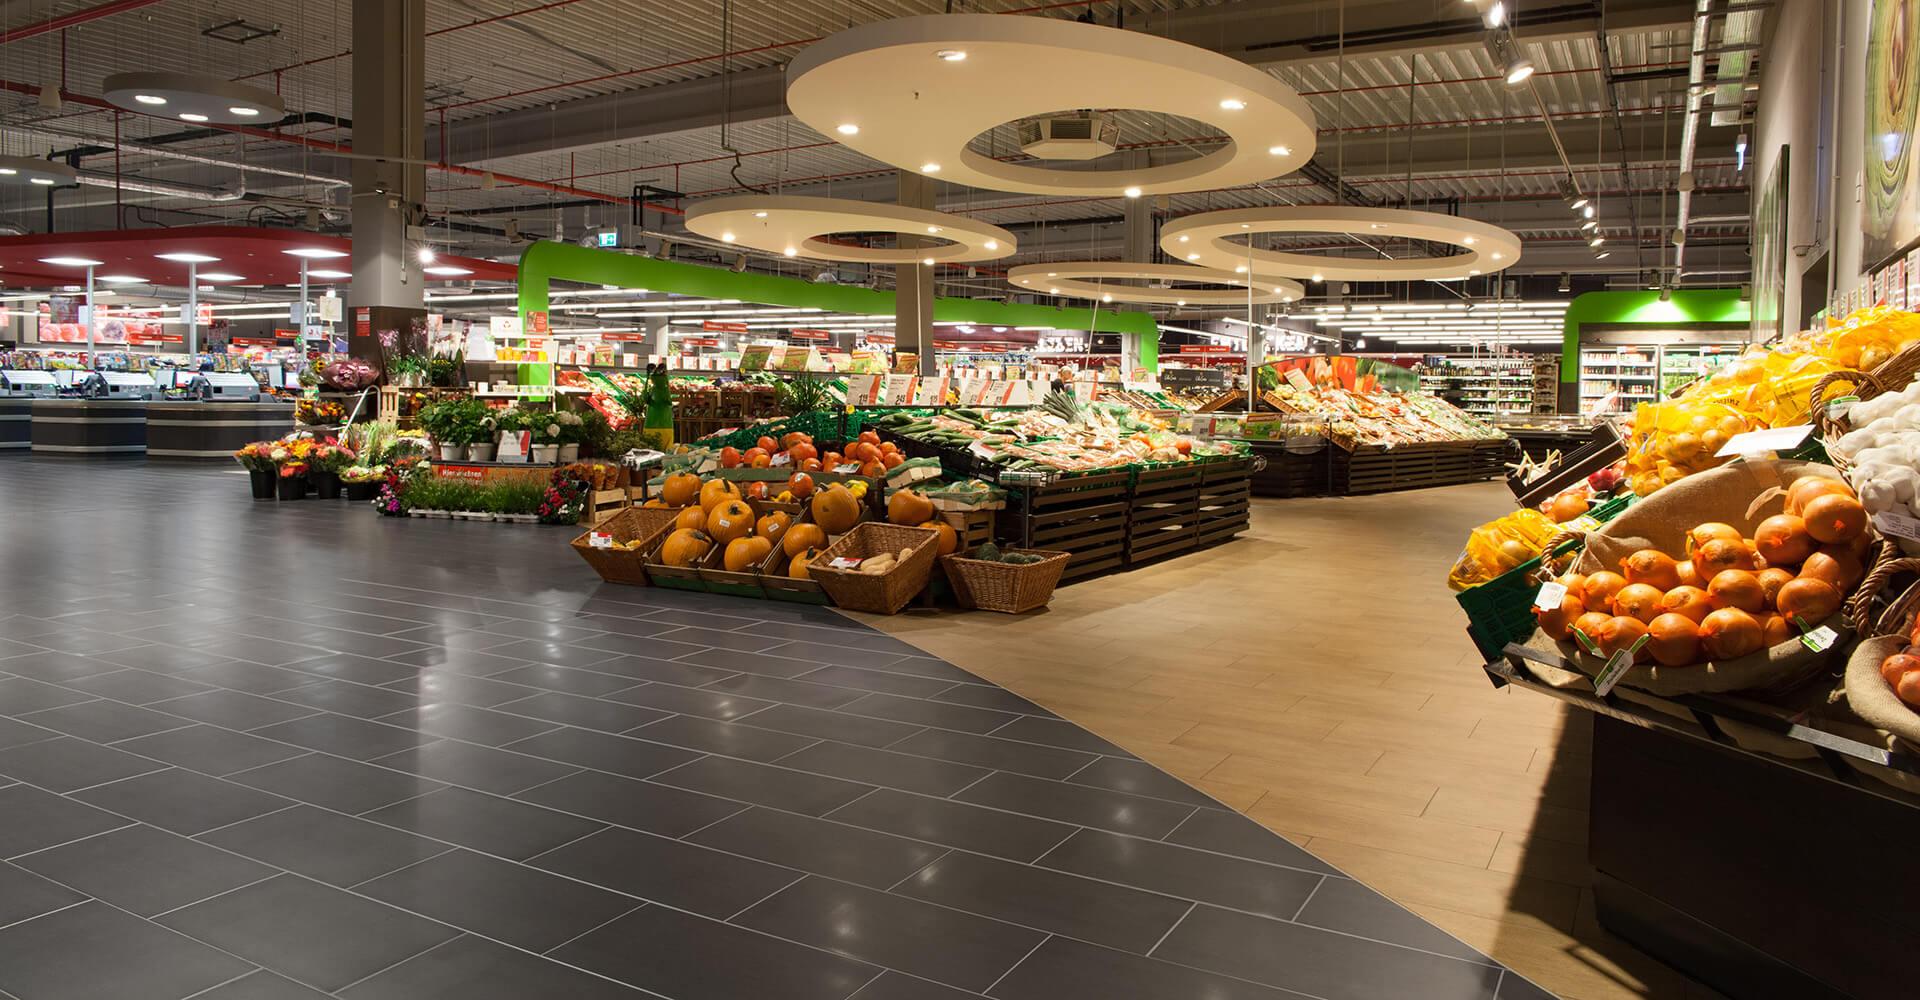 Reinigung Rüttelfliesen Supermarkt Rewe Topgres